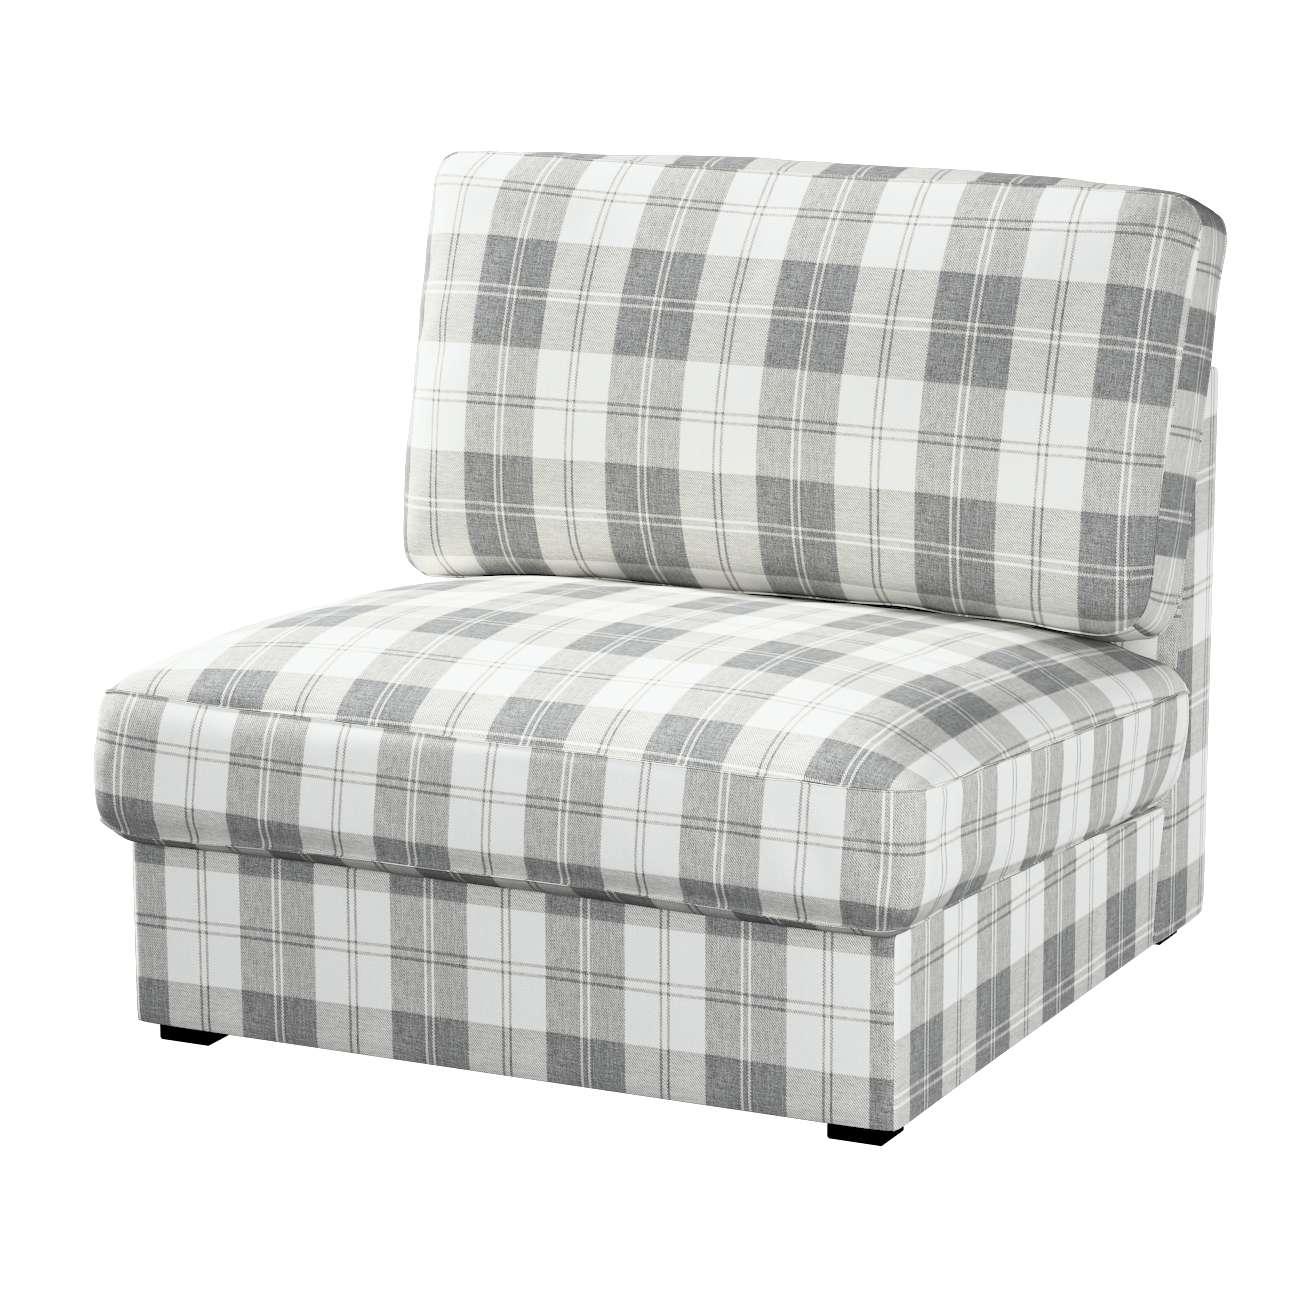 KIVIK fotelio/vienvietės dalies užvalkalas Kivik armchair kolekcijoje Edinburgh , audinys: 115-79